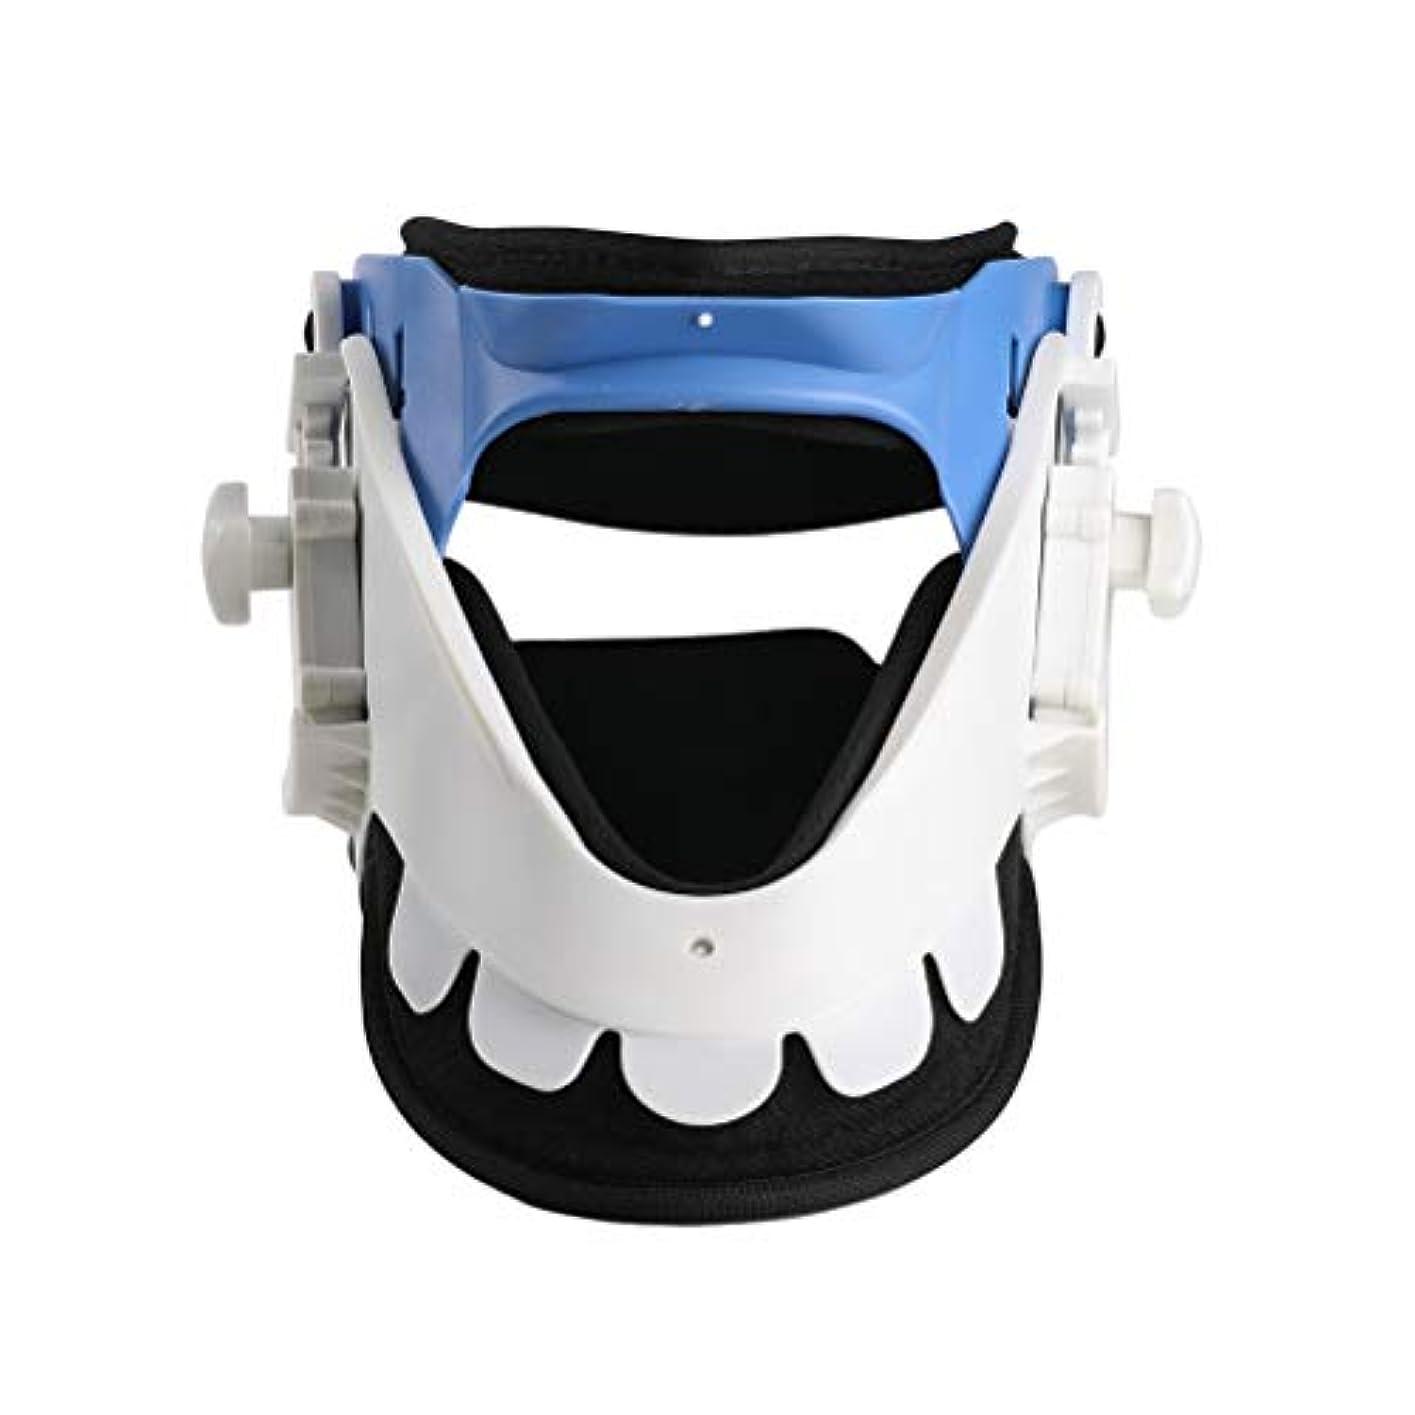 請求可能アンテナログHealiftyネックブレースサポート頚部襟堅い首の痛みを軽減する首の健康管理